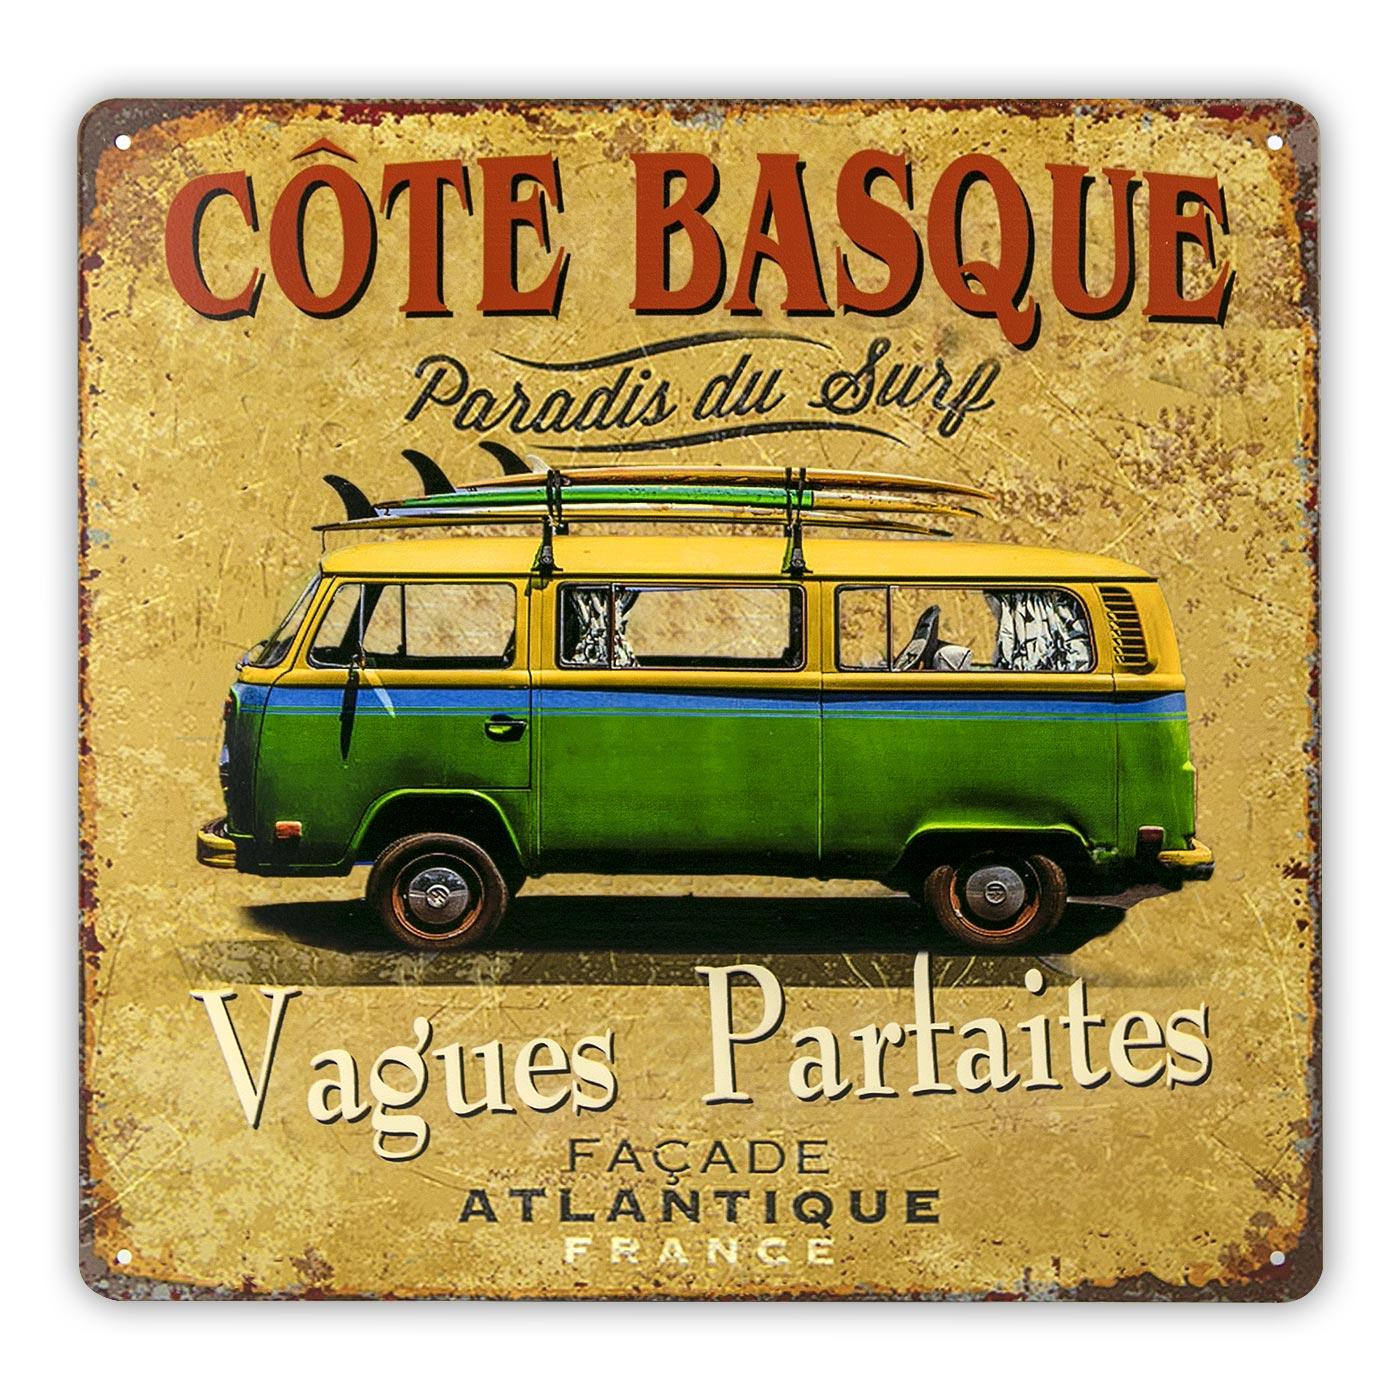 Plaque Vw combi surf côte basque